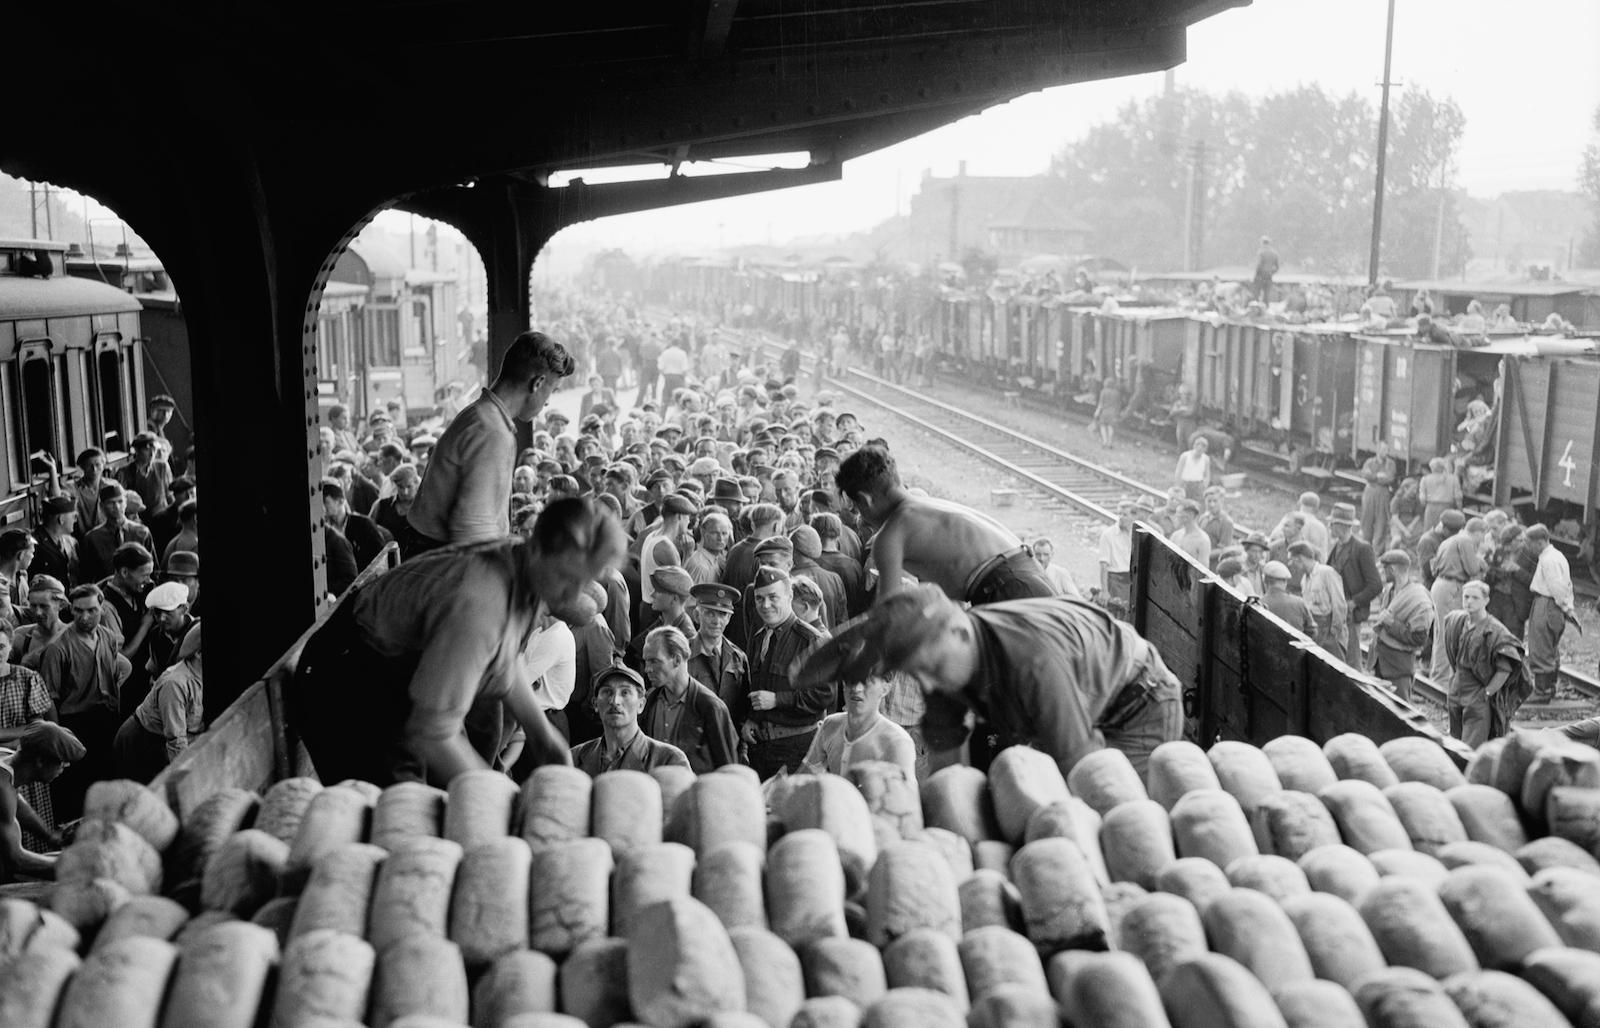 Relief workers unloading bread, 1945